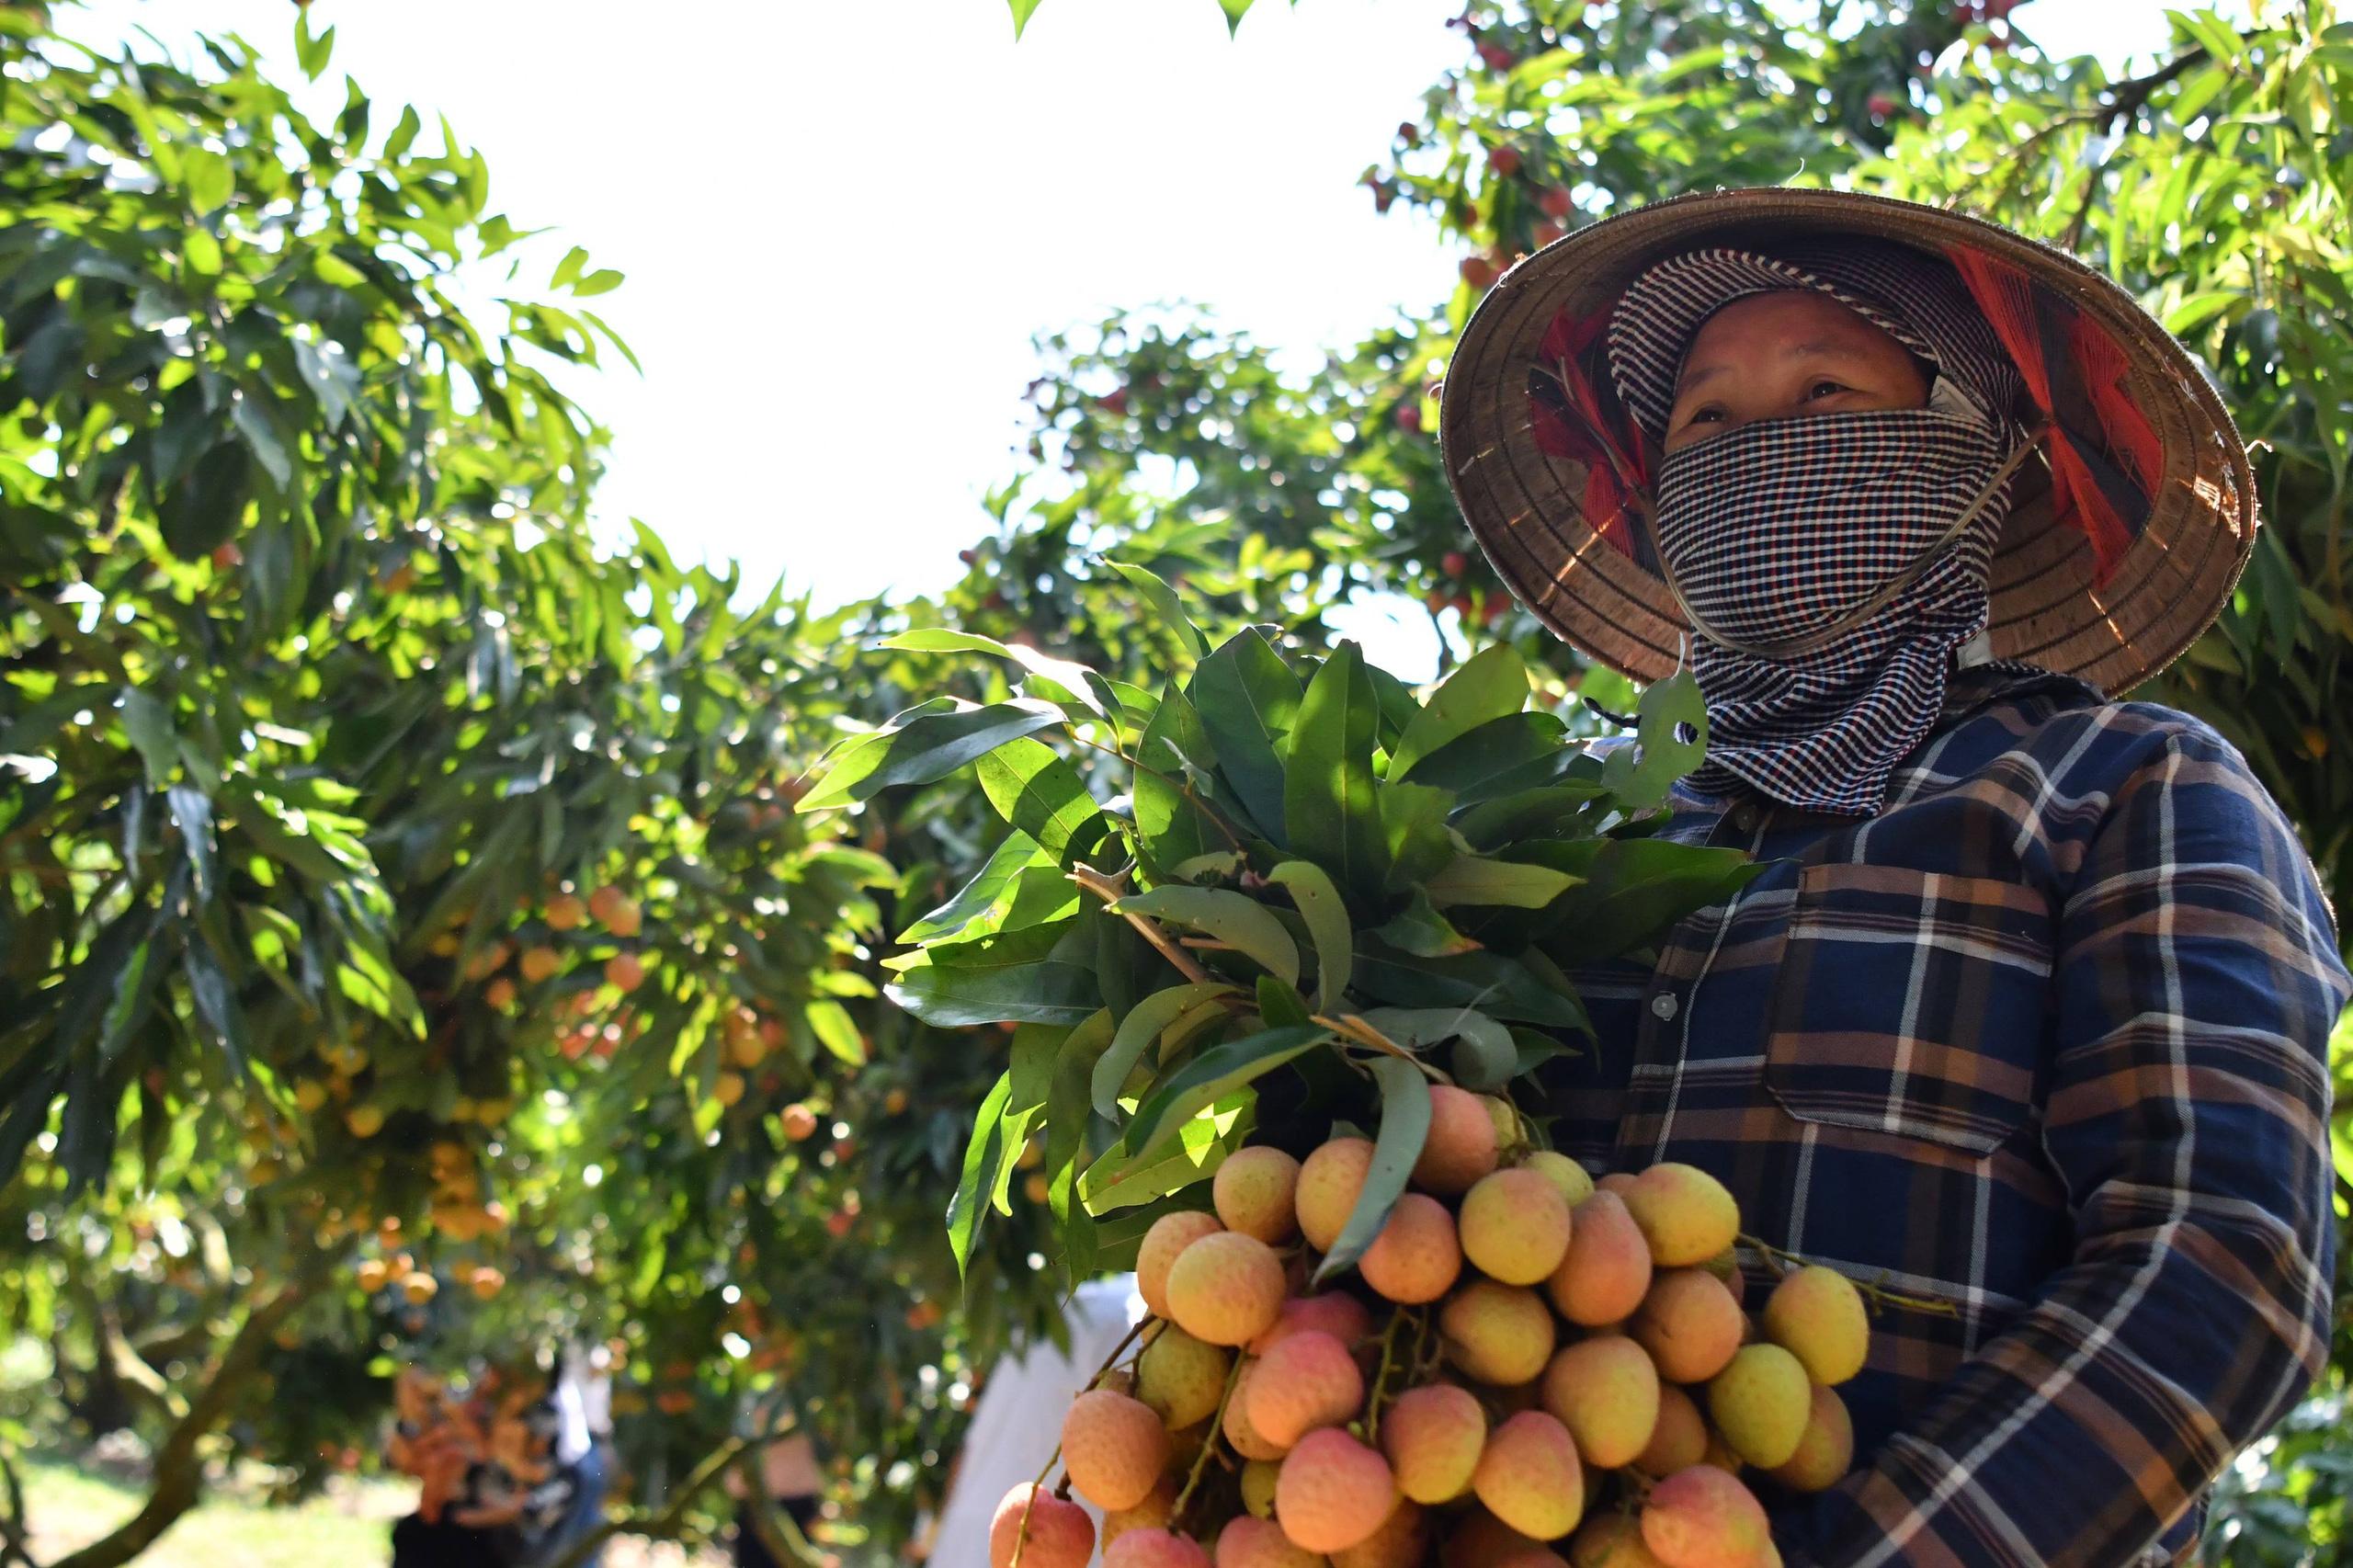 Bộ trưởng Lê Minh Hoan hứa sẽ kiến nghị Thủ tướng việc khó Bắc Giang không giải quyết được trong tiêu thụ vải thiều - Ảnh 3.